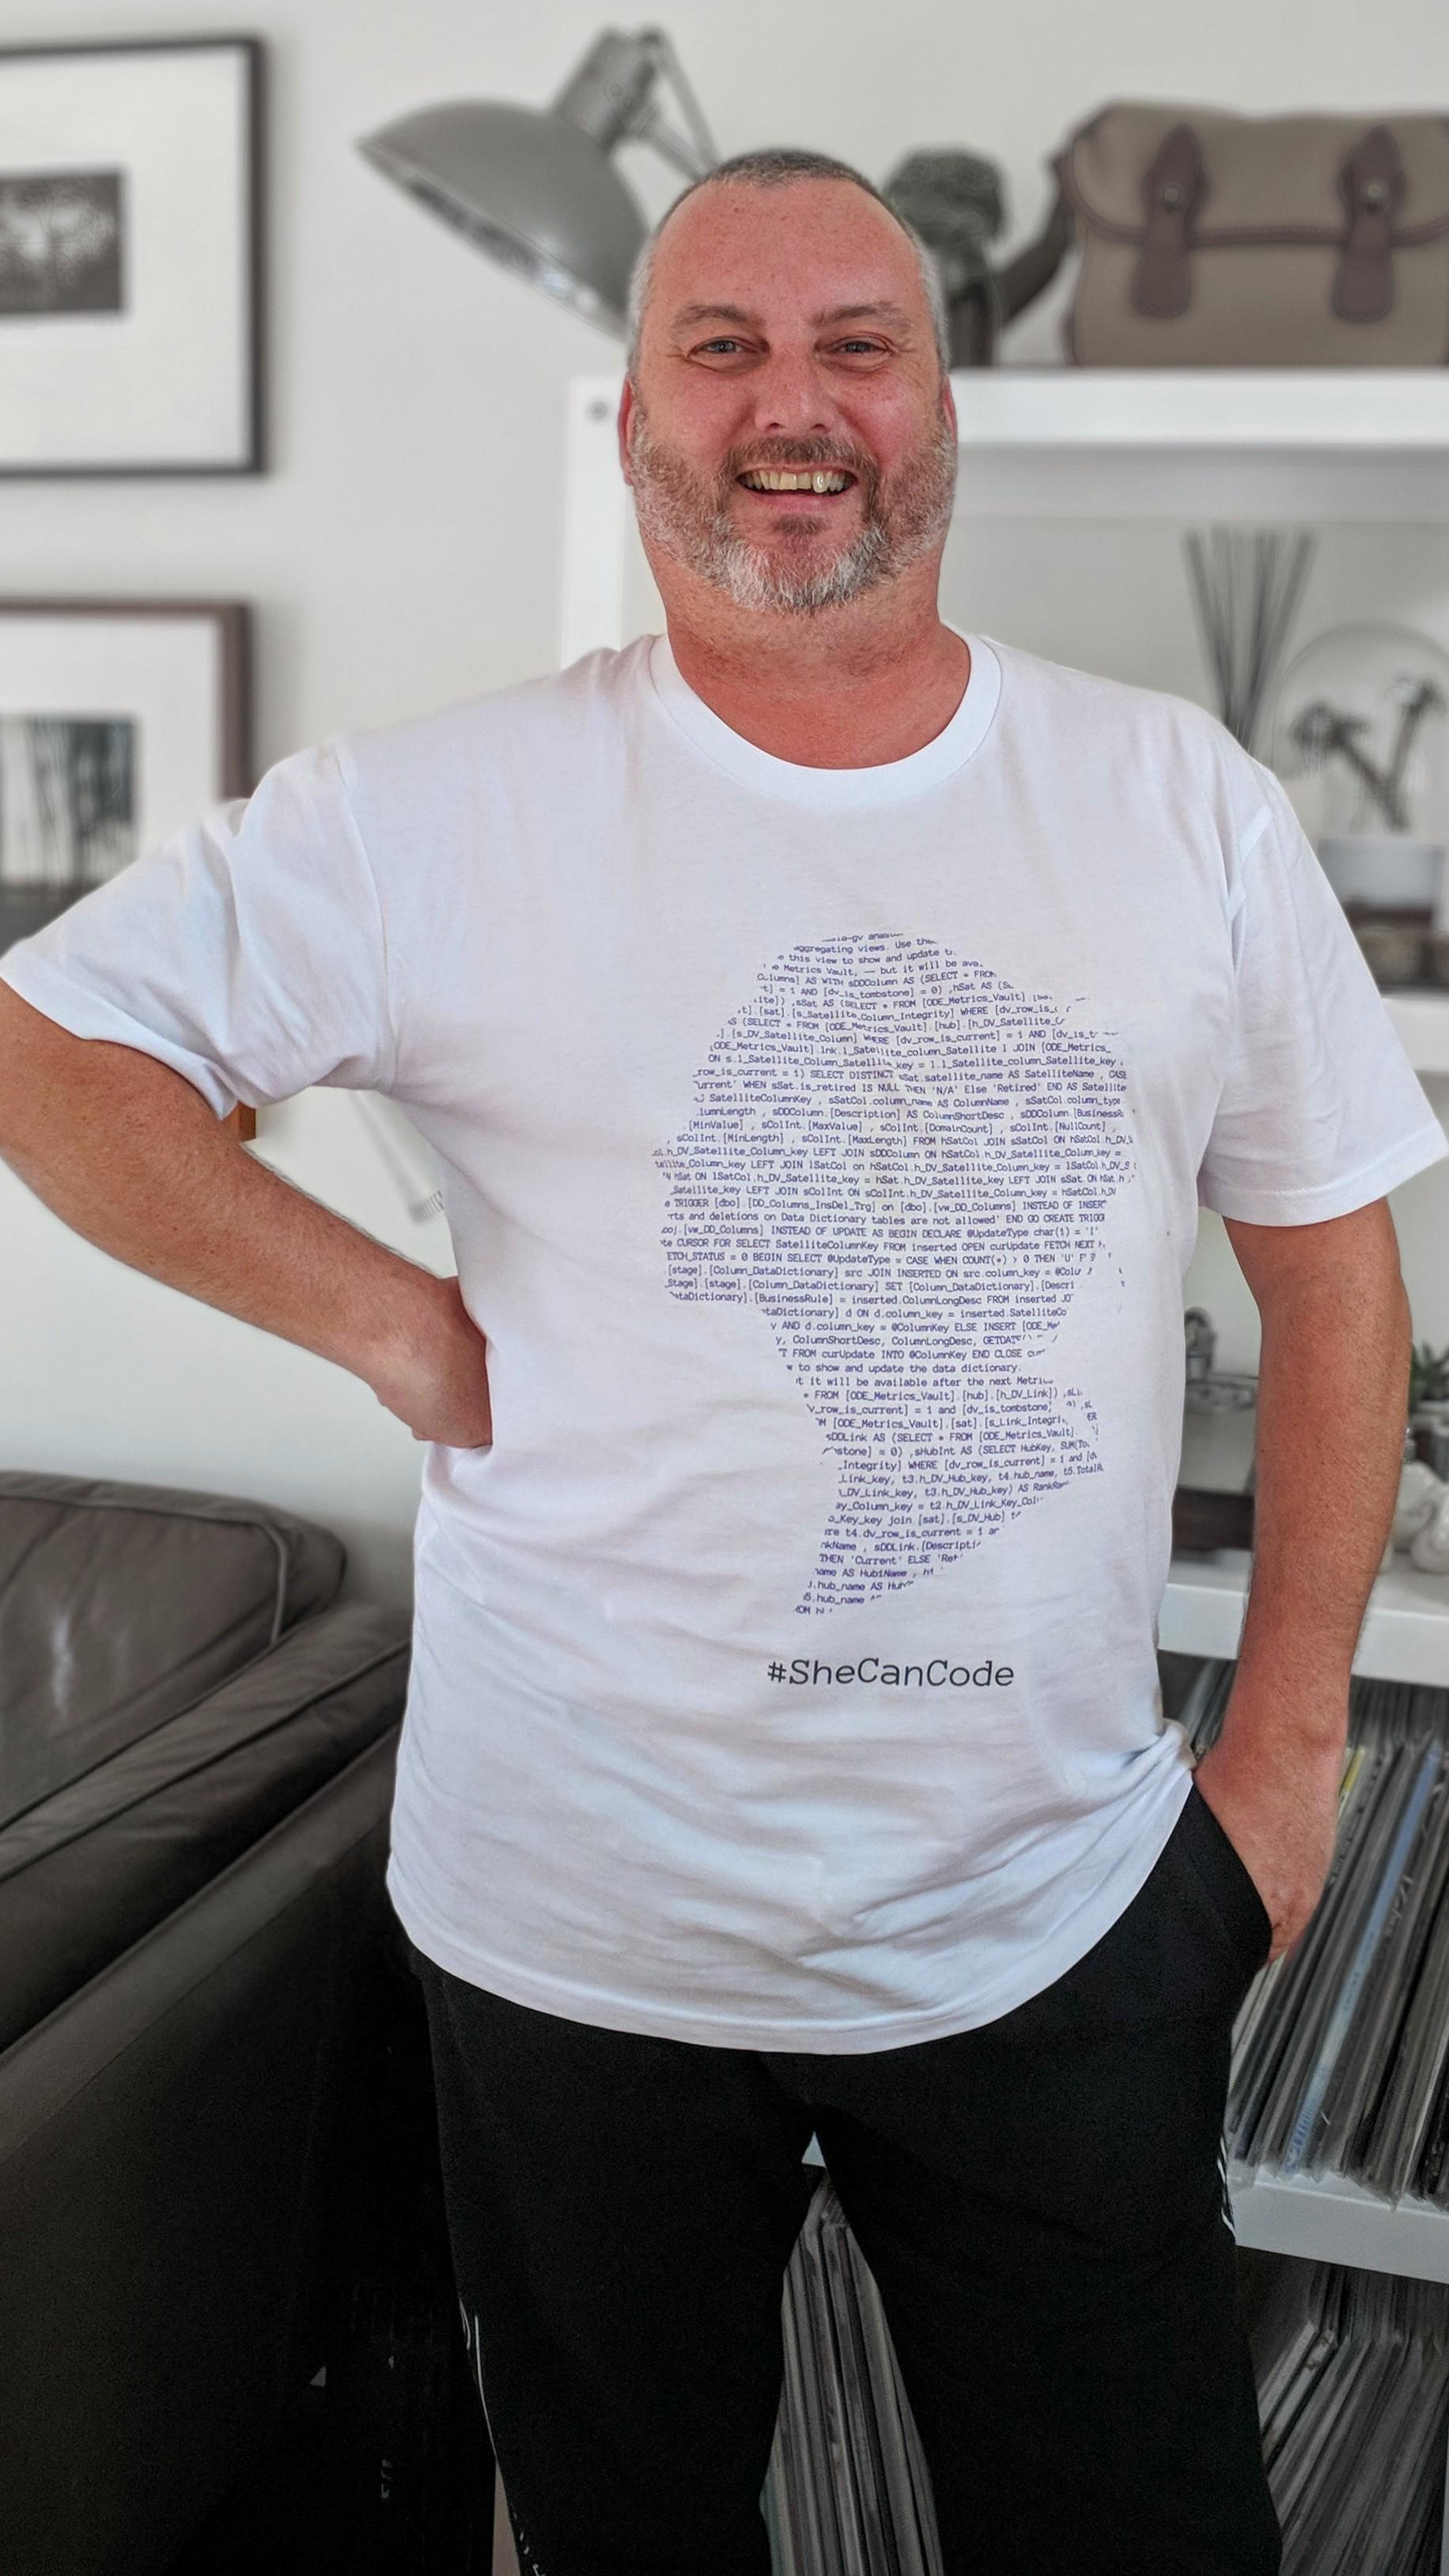 Wearing a #SheCanCode t-shirt